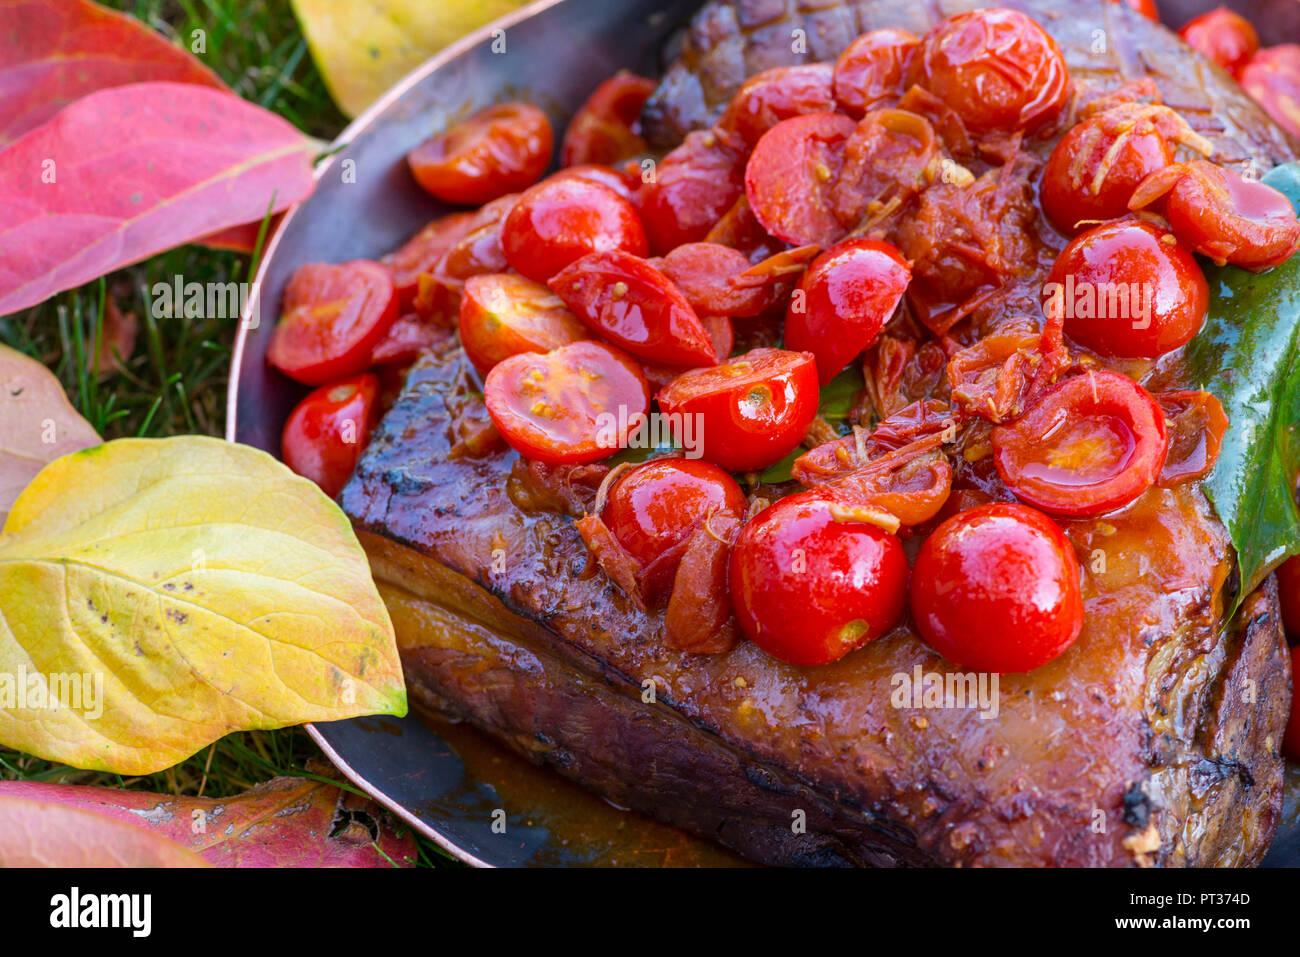 Geschmorten Schweinebauch mit Tomaten, Gericht, das in der Romantik Hotel Turm, Völs am Schlern, Seiser Alm, Eisacktal, Südtirol, Italien Stockbild